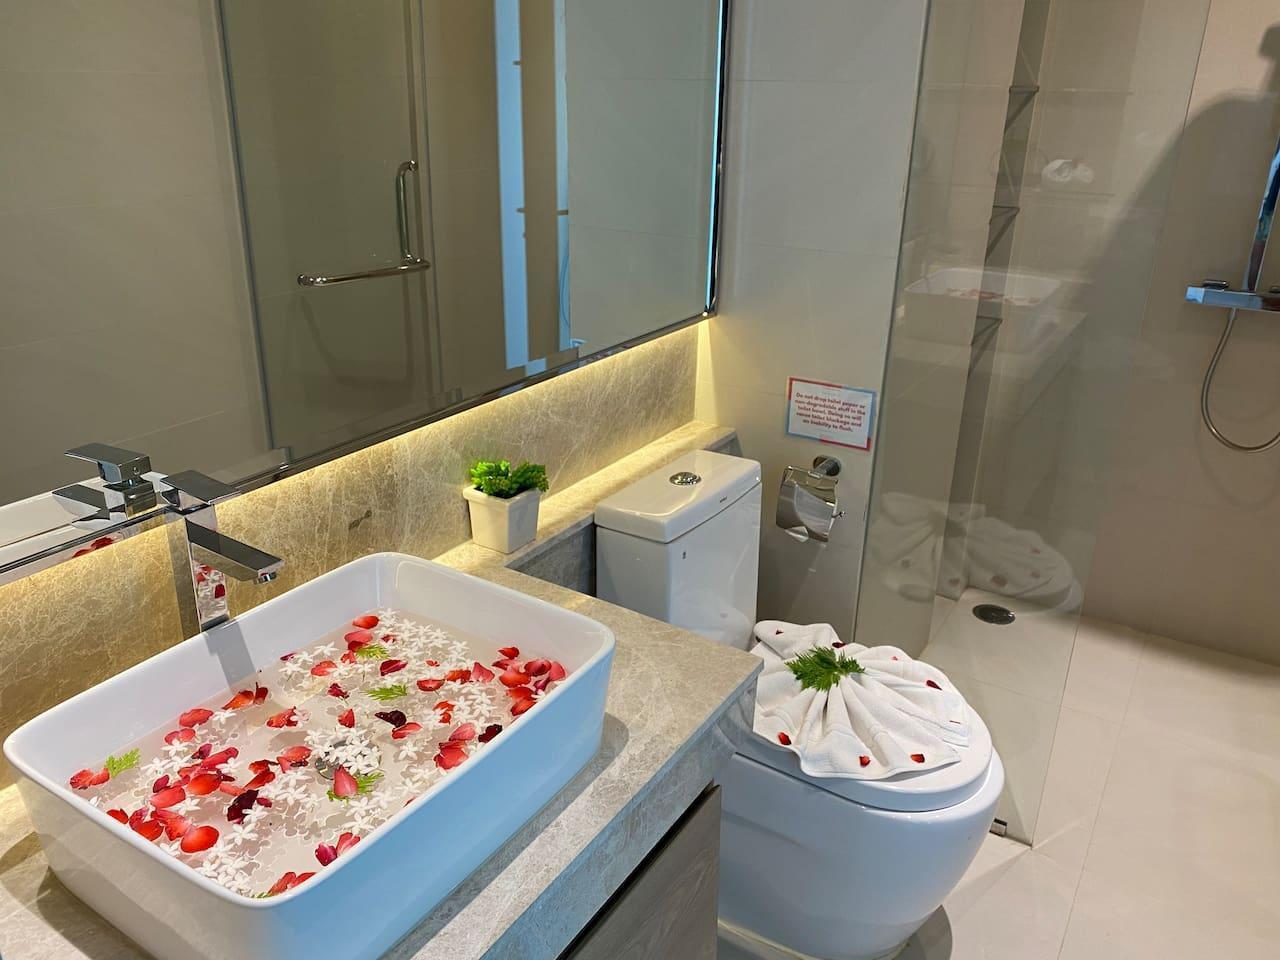 Dahla - Deluxe 2 บ้านเดี่ยว 1 ห้องนอน 1 ห้องน้ำส่วนตัว ขนาด 35 ตร.ม. – อ่าวนาง